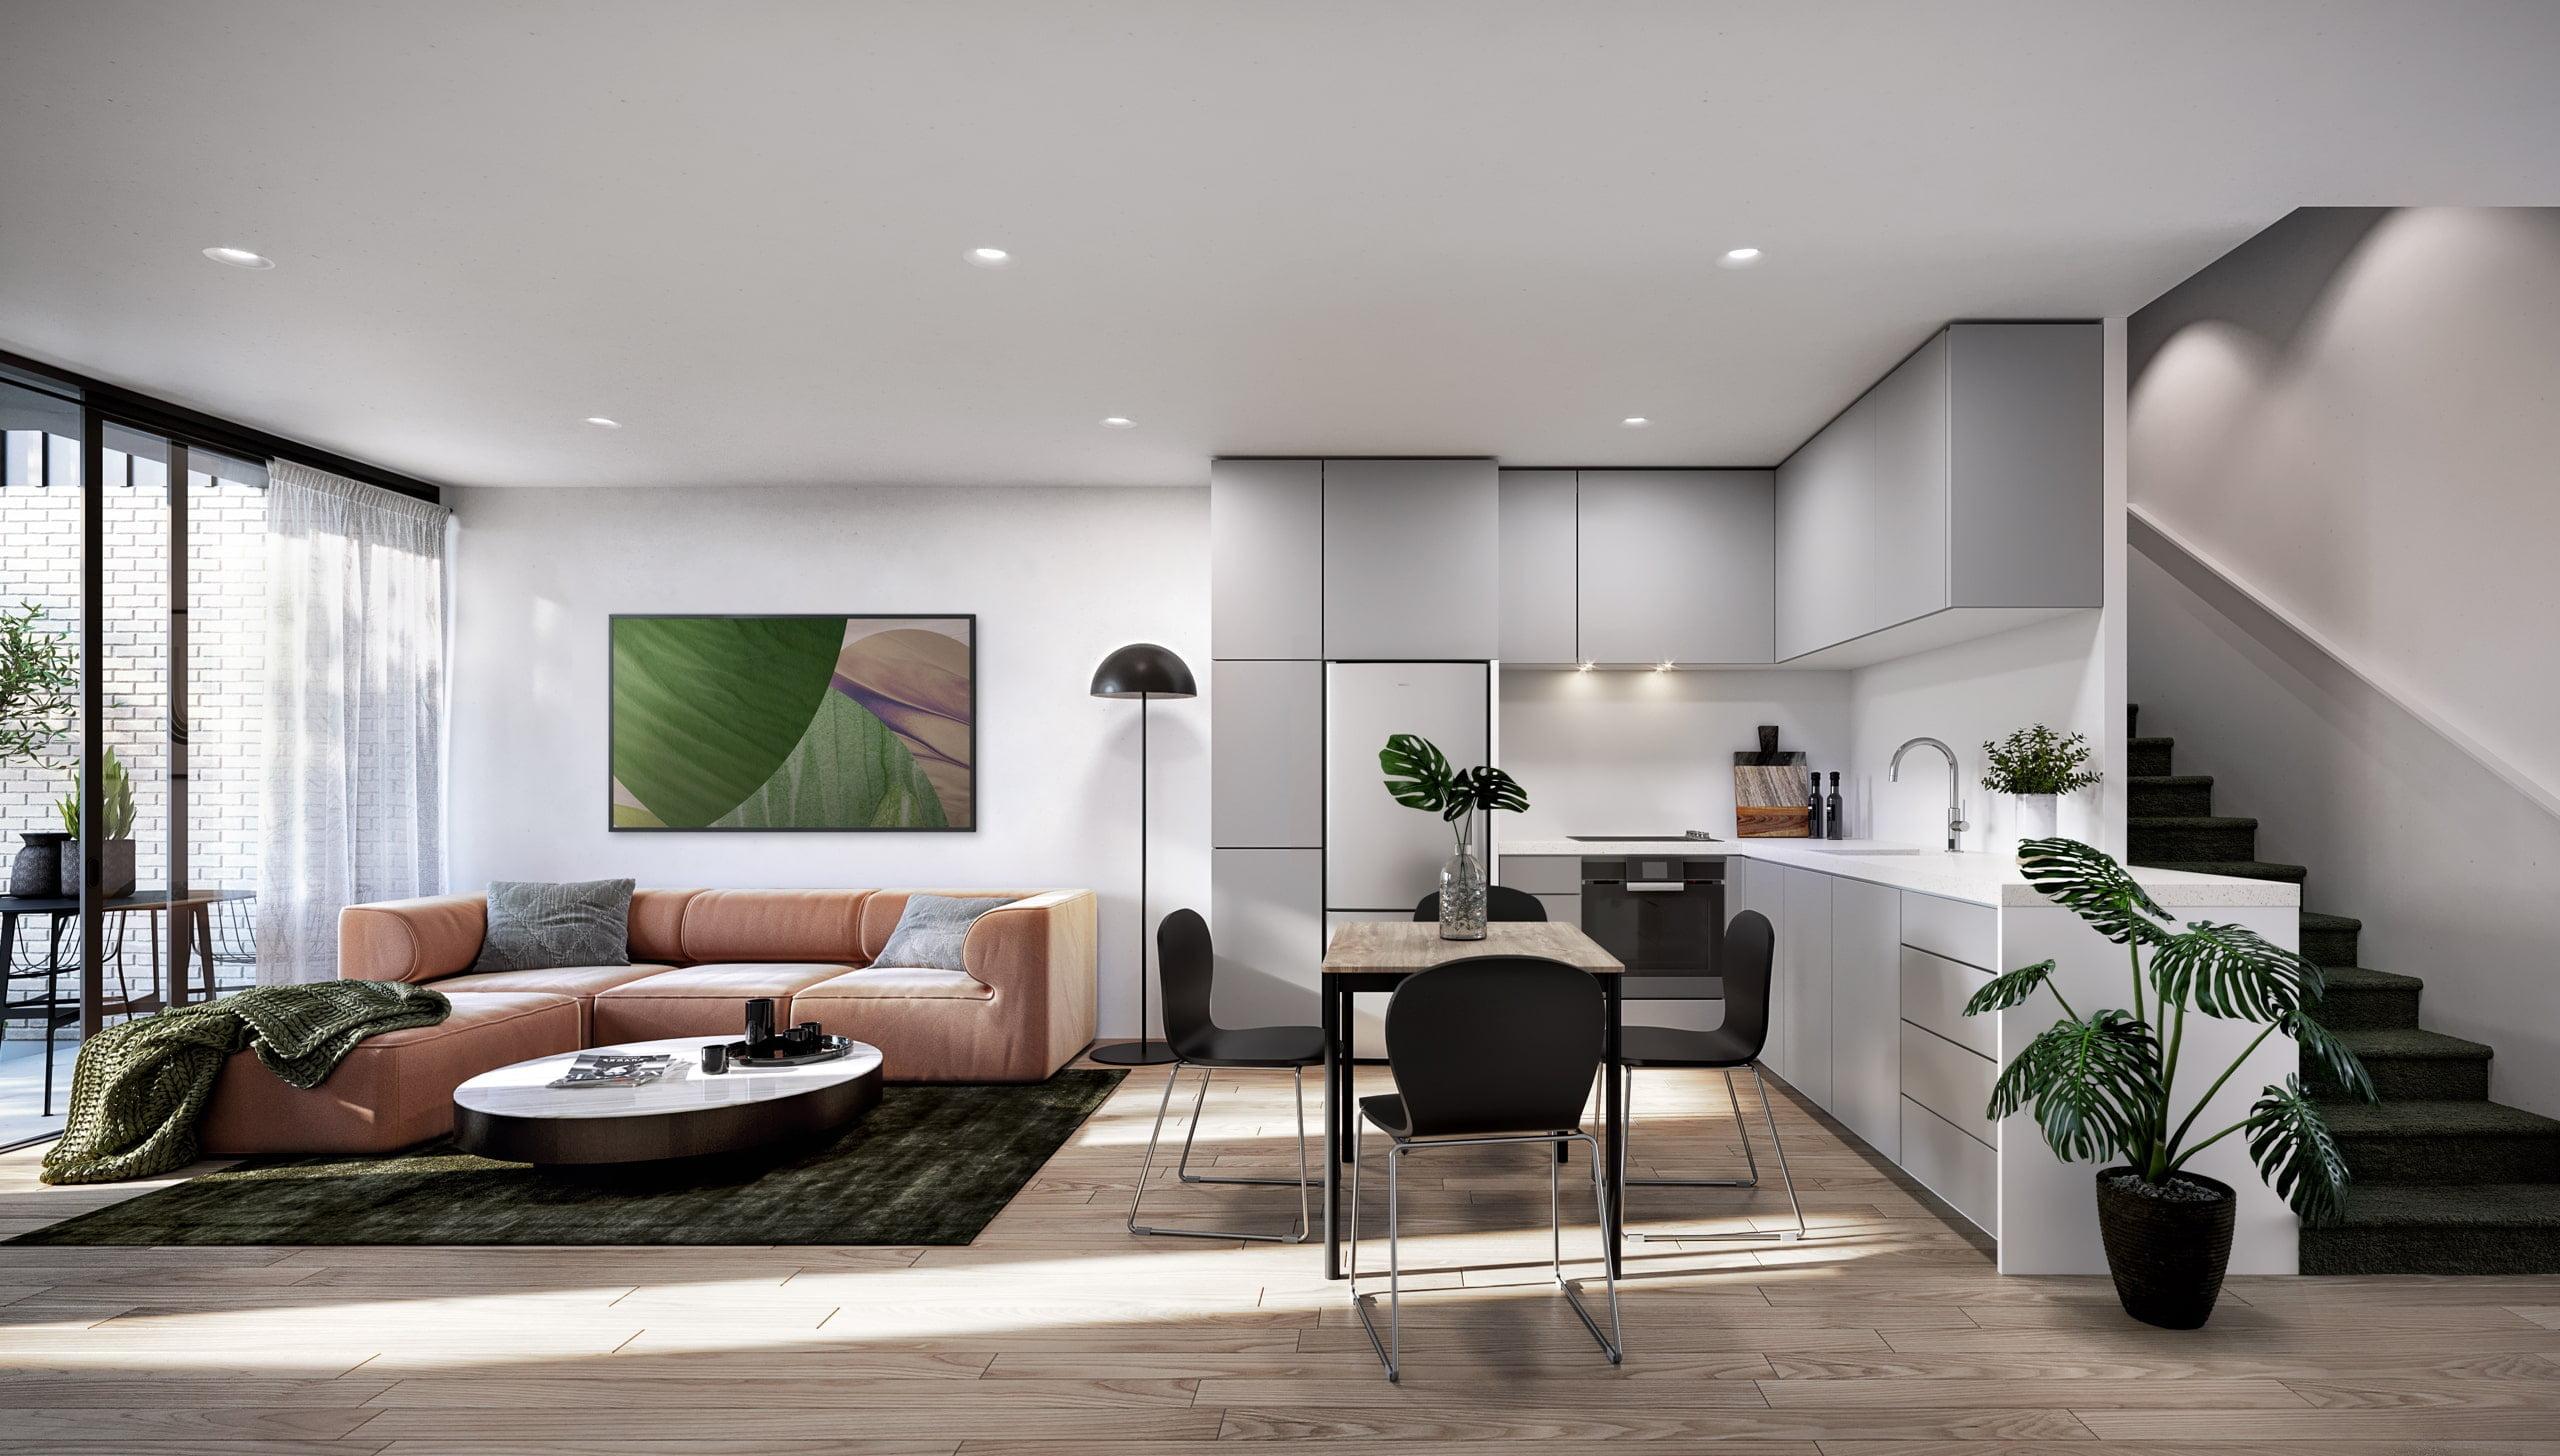 Terrace_Interior